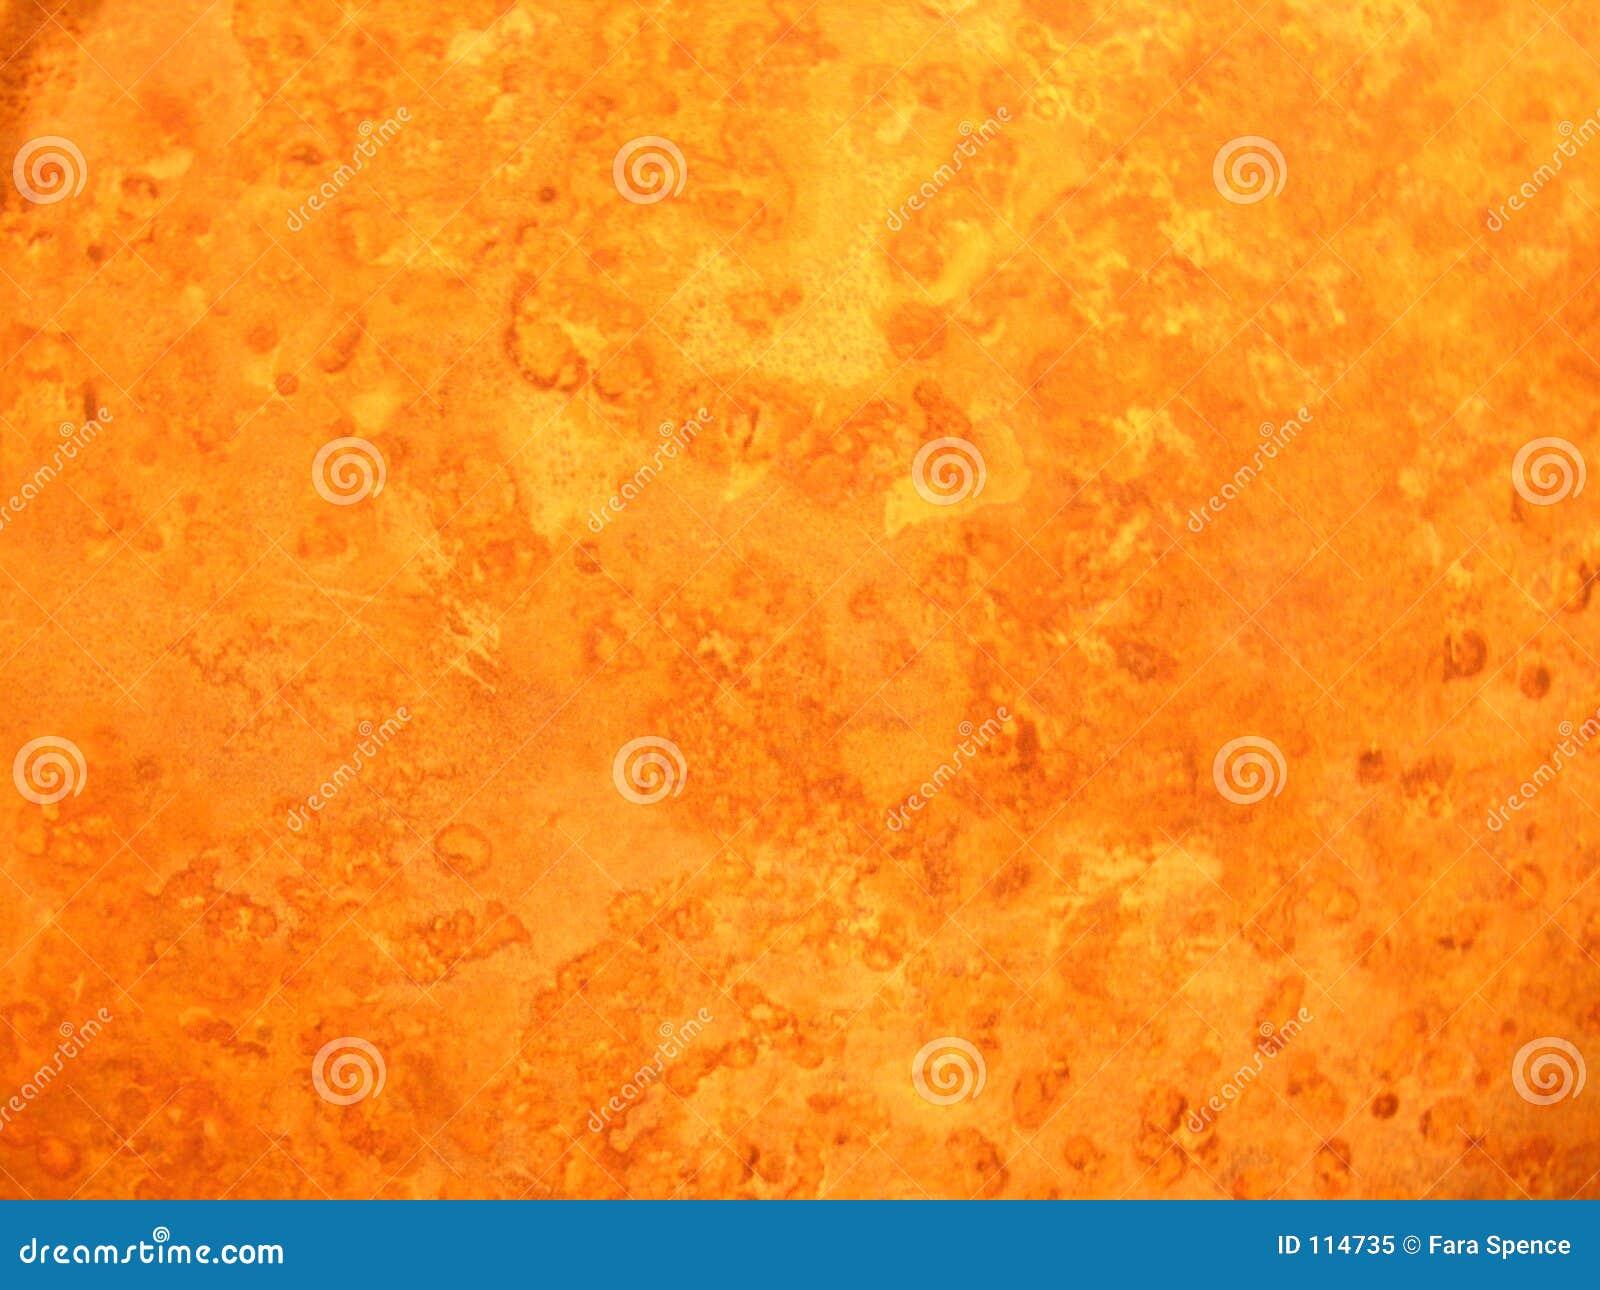 Orange Marble Royalty Free Stock Photo - Image: 114735